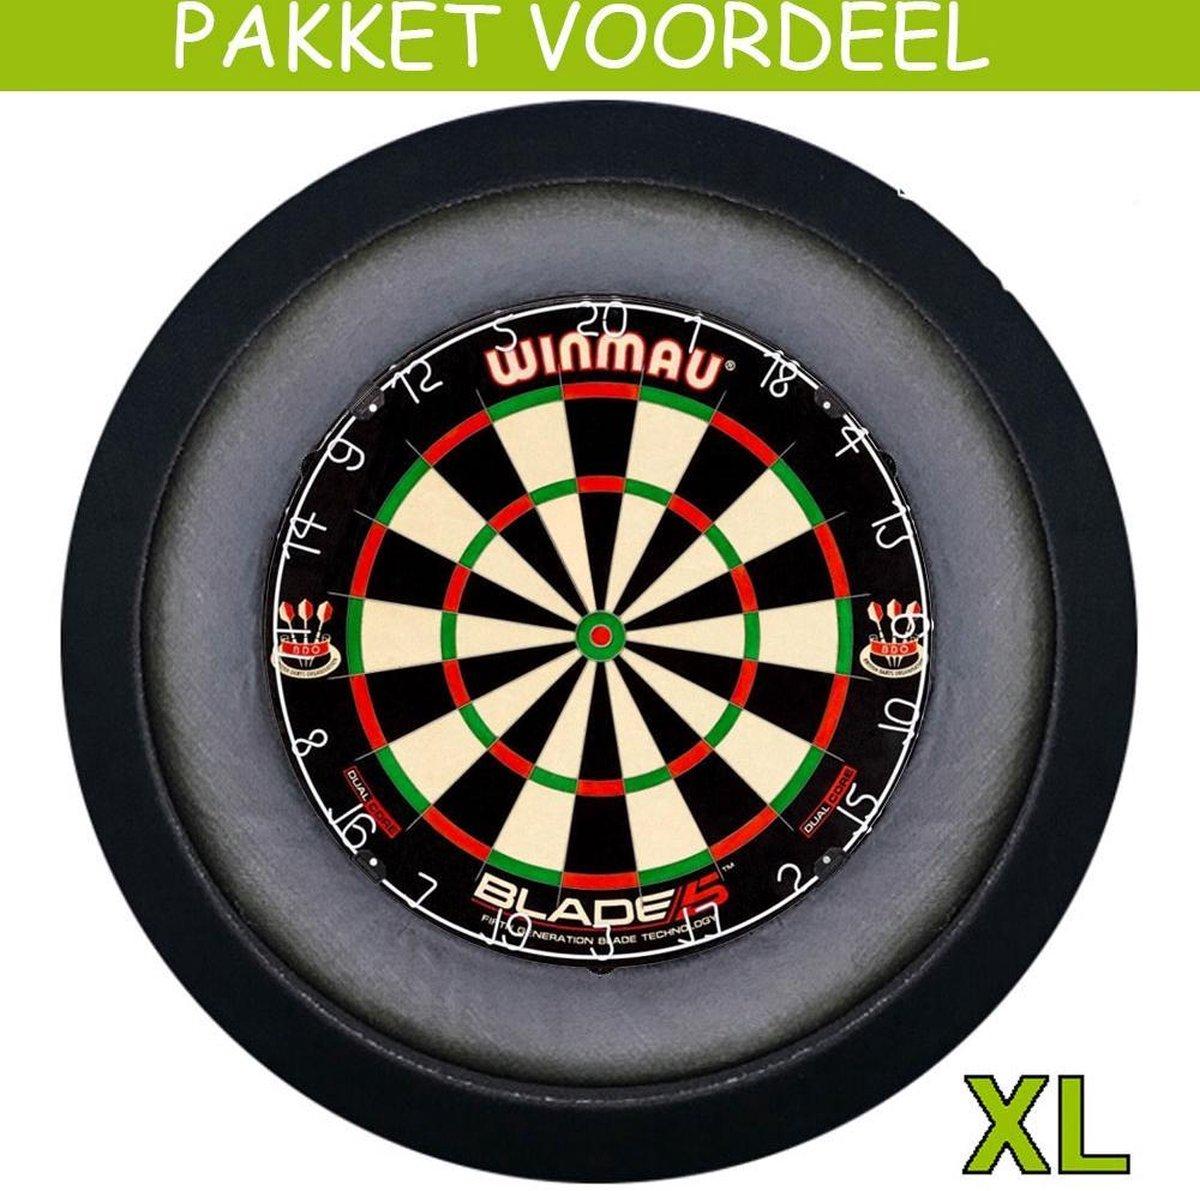 Dartbord Verlichting Voordeelpakket Super Deluxe + Dual Core + Dartbordverlichting Deluxe XL(Zwart)